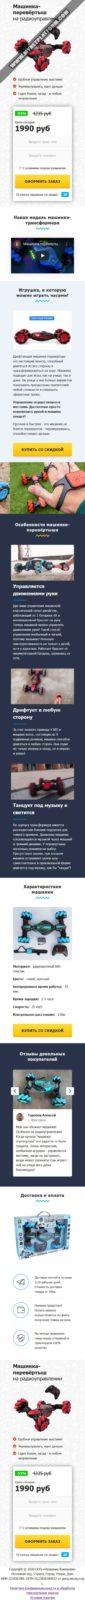 Скриншот Готового лендинга Машинка-перевёртыш, управляемый жестами 001 - моб